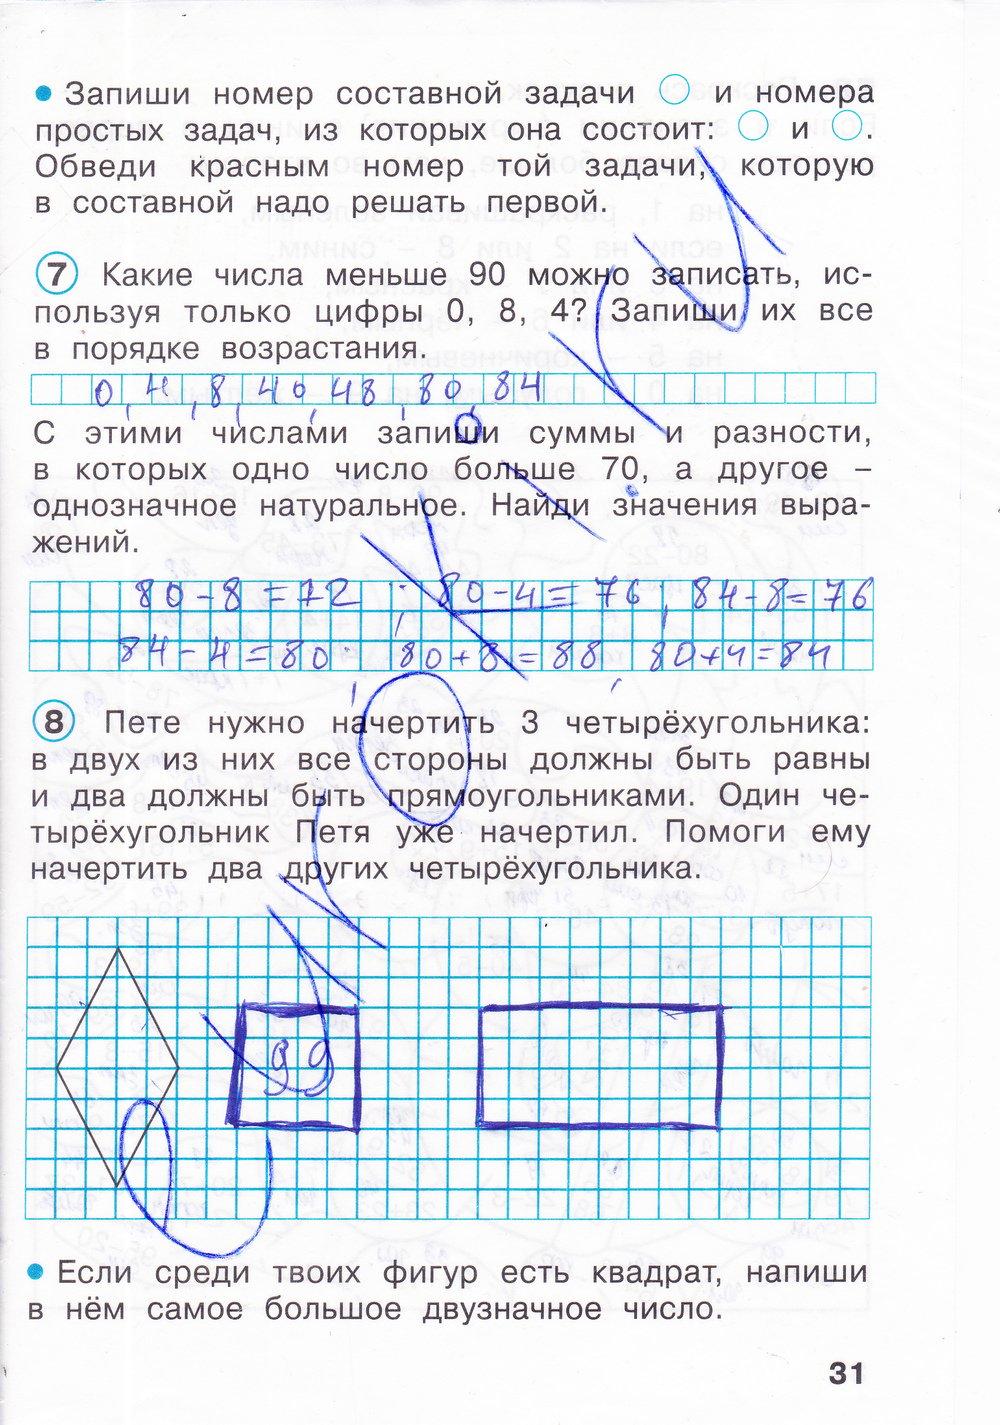 решебник готовые домашние задания для 1 класса